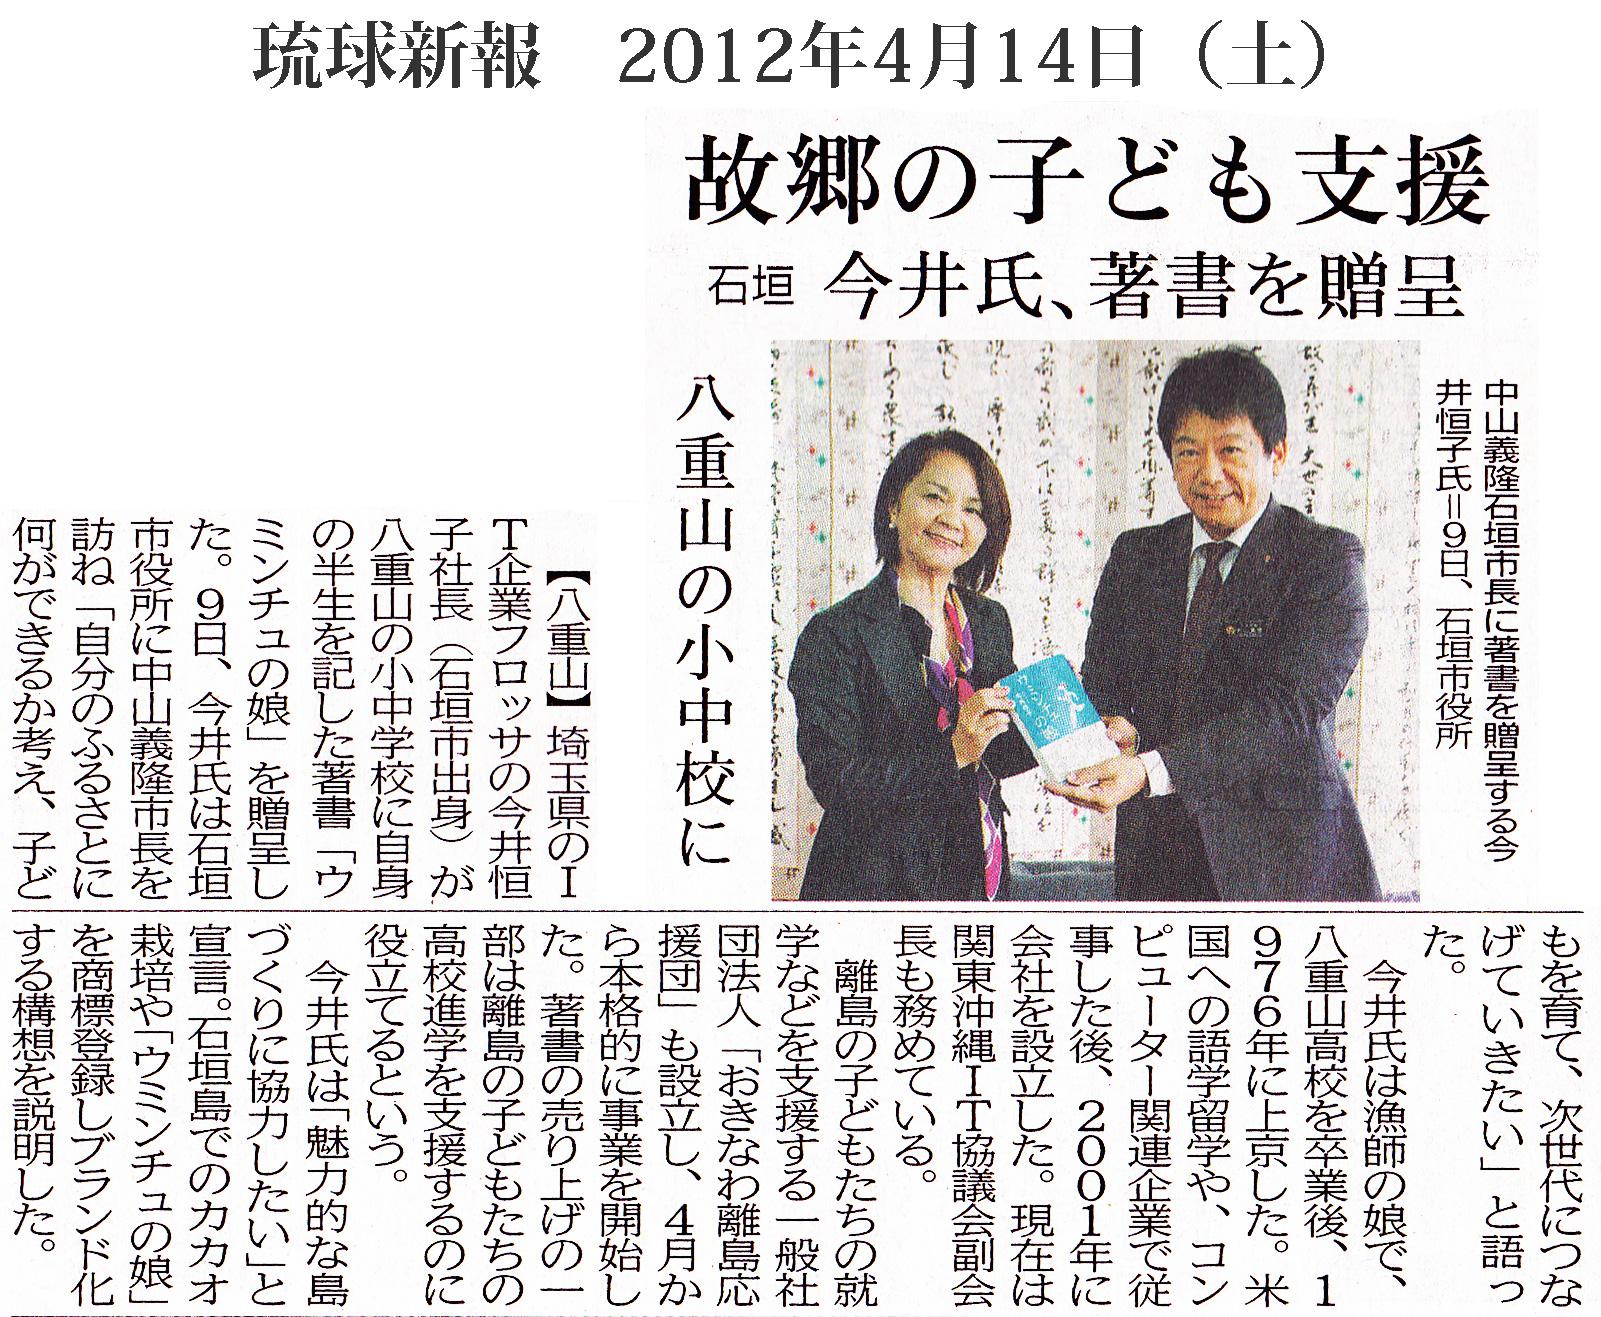 琉球新報 2012年4月14日(土)「故郷の子ども支援」